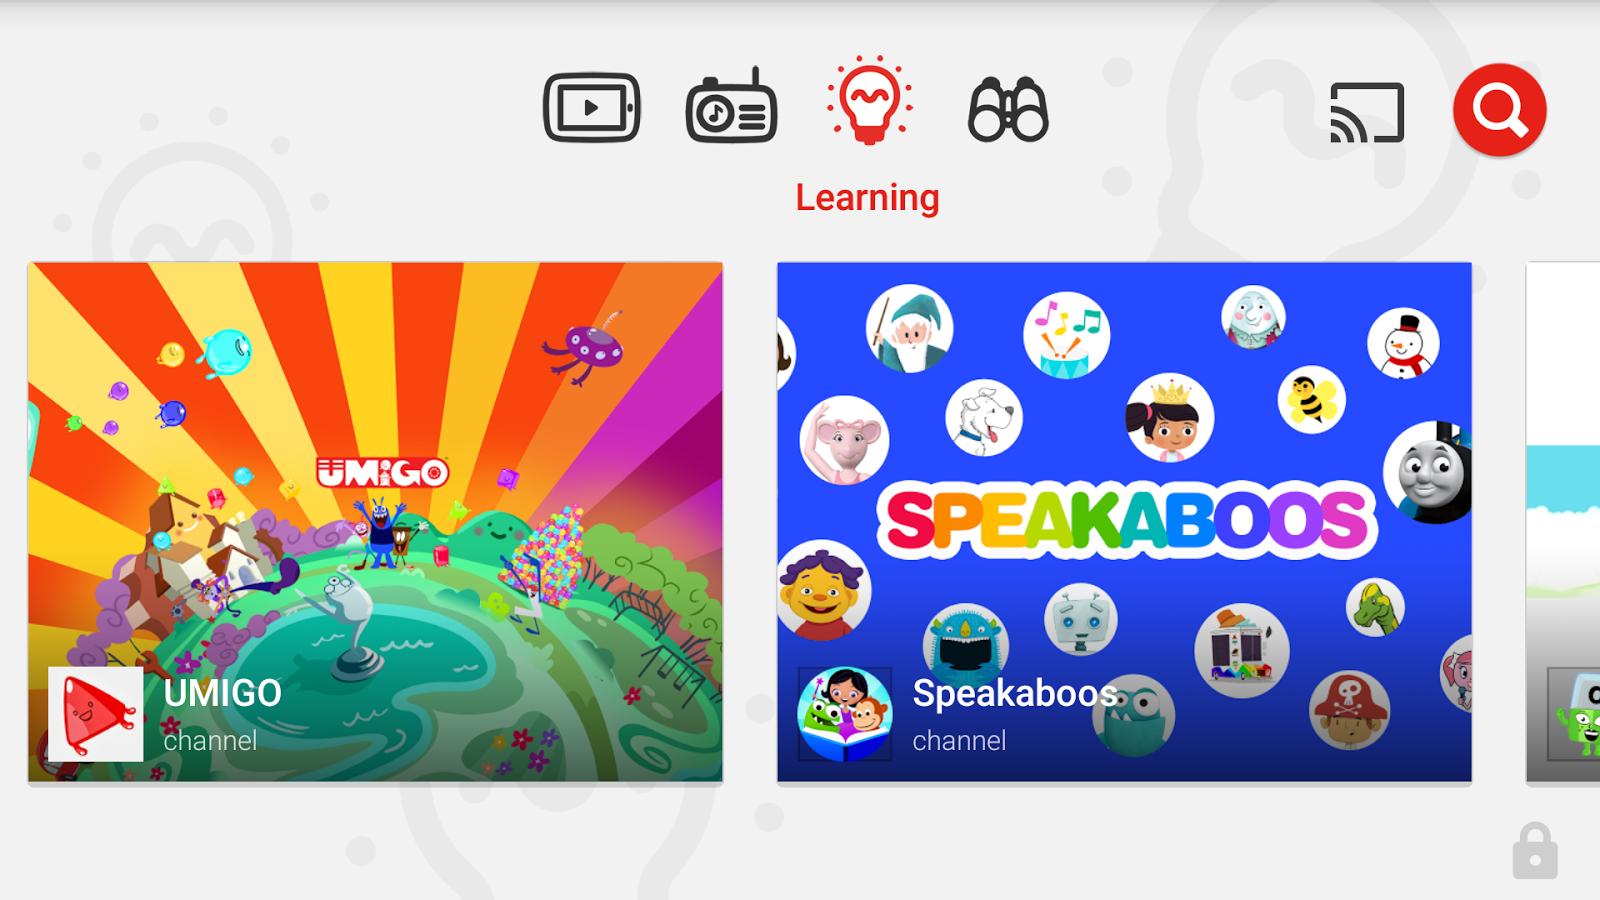 دانلود برنامه یوتیوب مخصوص کودکان برای اندروید